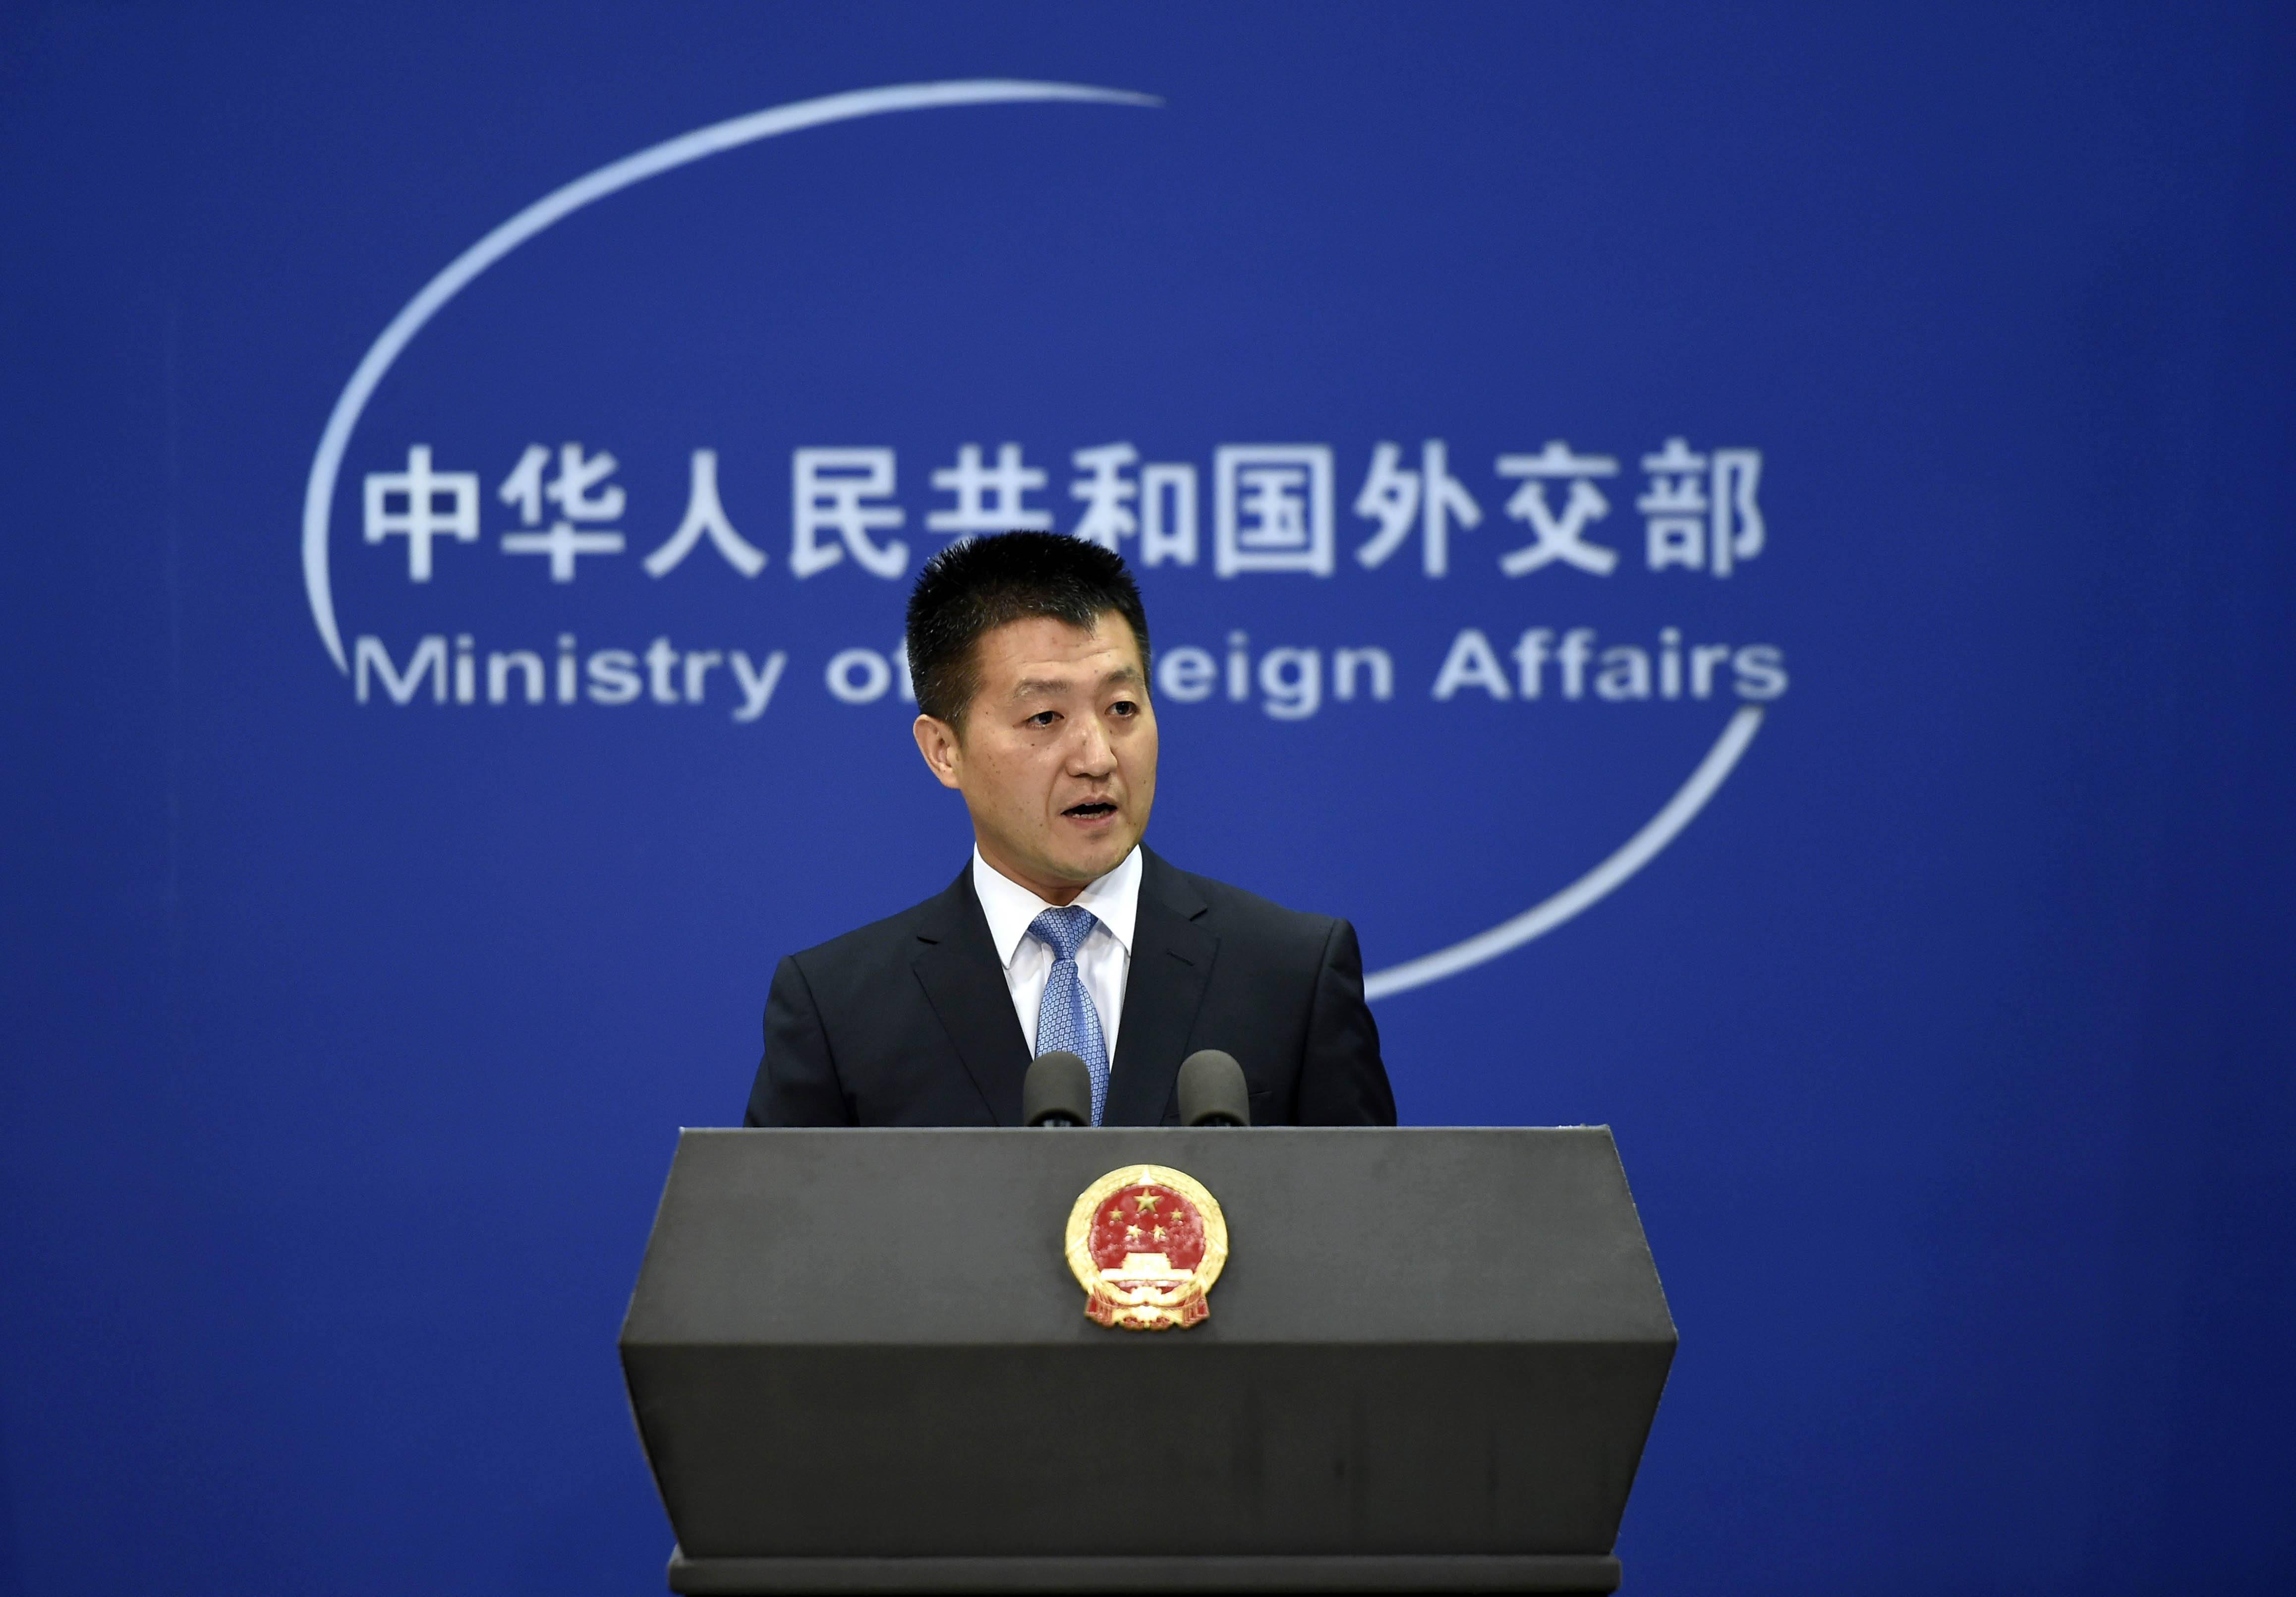 衡南县最新动态(李广弓)外交部:加强两国人民间友谊是保证中美关系开展的根底